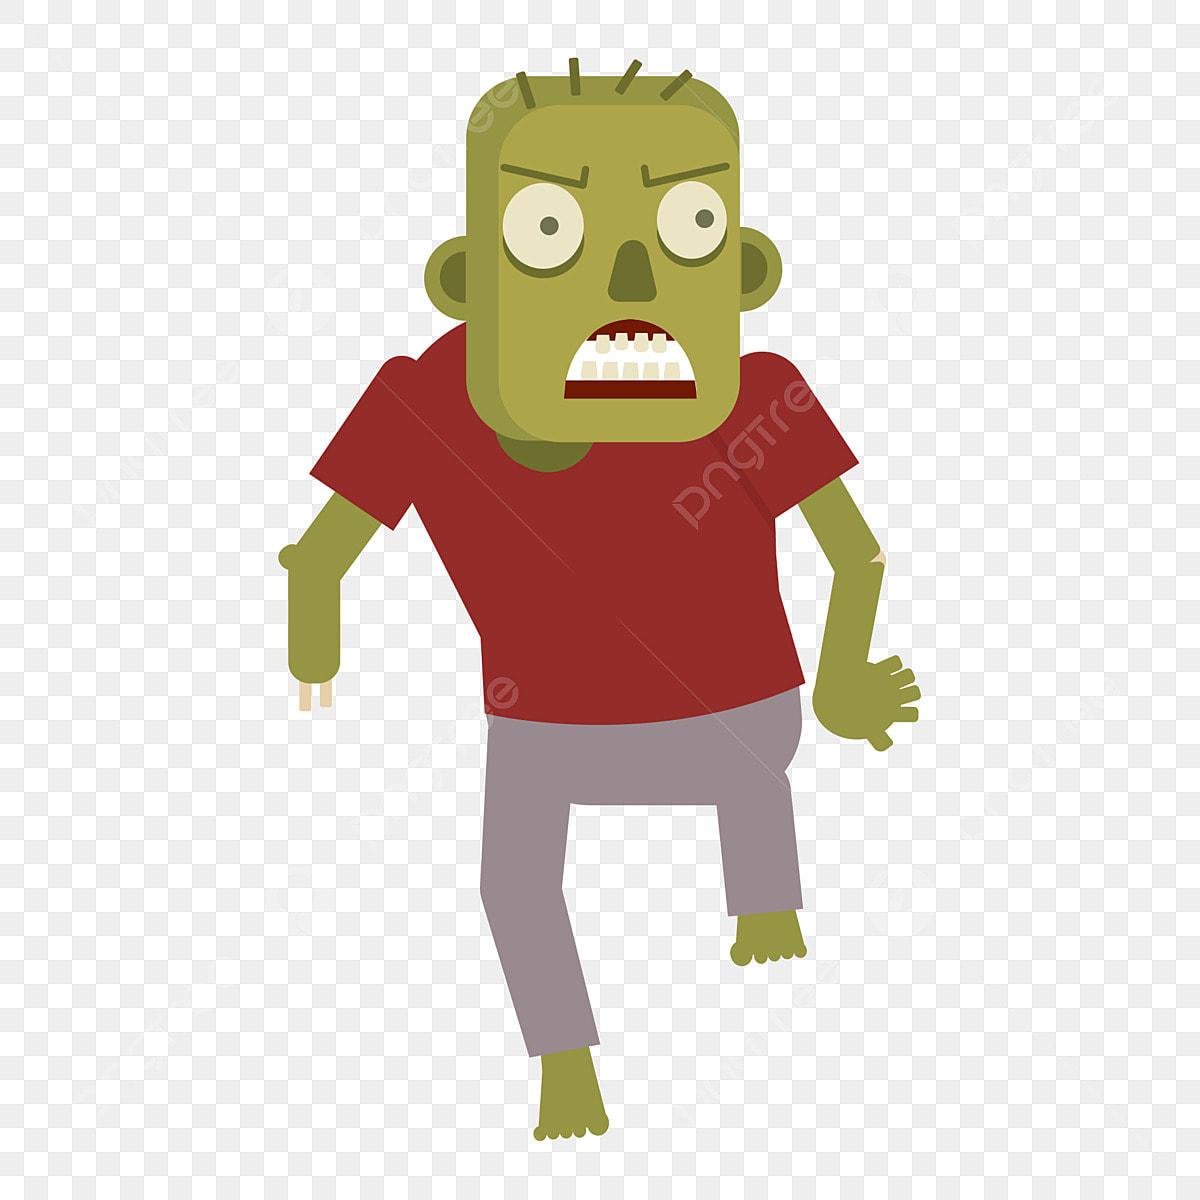 Dessin De Zombie Dessin Zombie Boucle Libre De Zombies Fichier Png Et Psd Pour Le Telechargement Libre